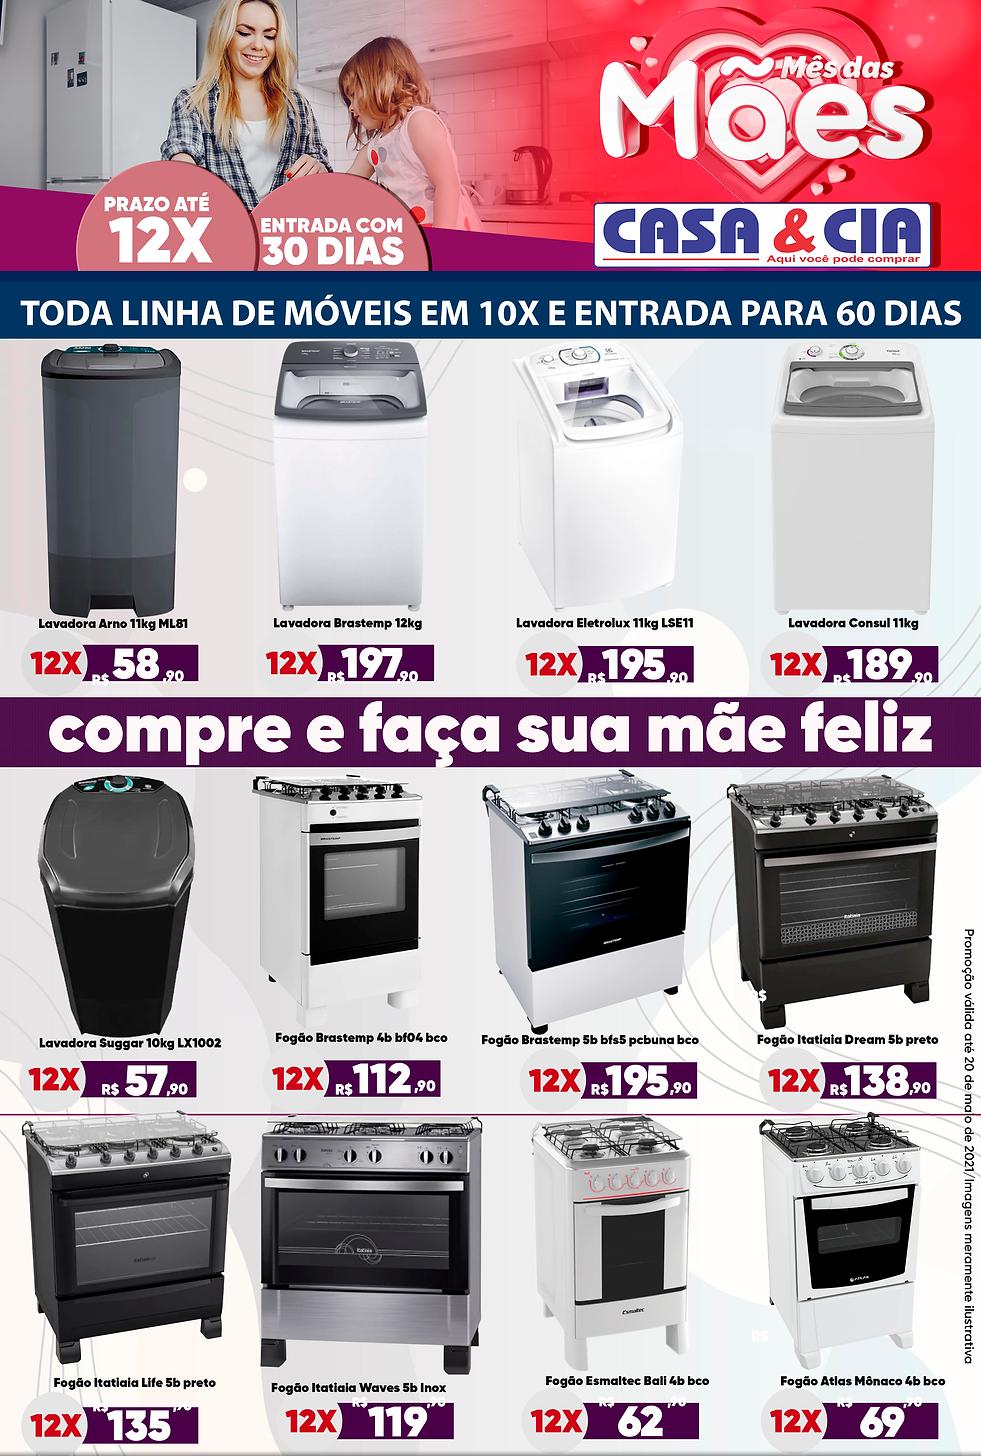 PANFLETO-MÊS-DAS-MÃES2.png